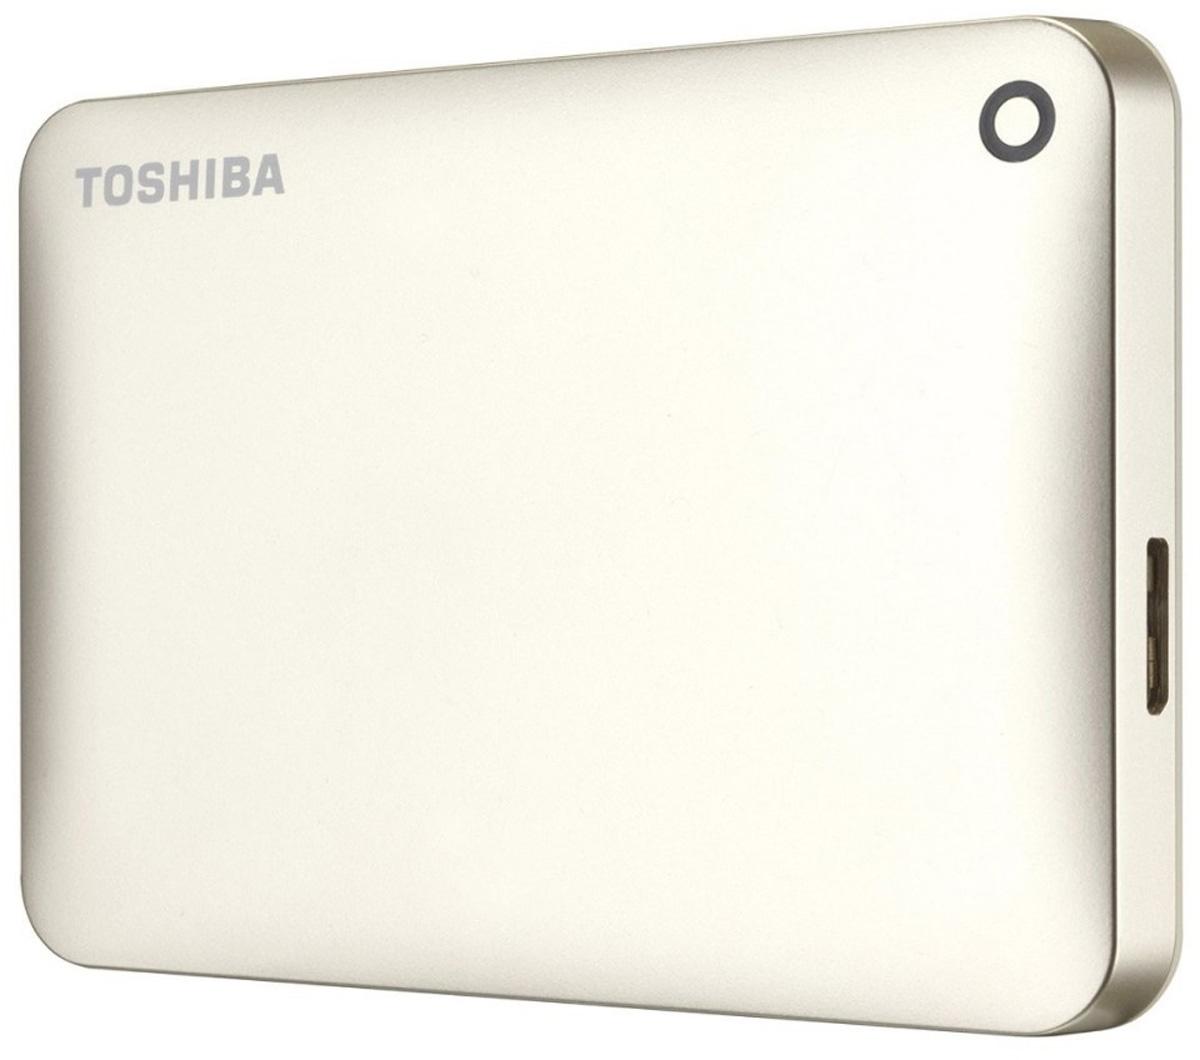 Toshiba Canvio Connect II 500GB, Gold внешний жесткий диск (HDTC805EC3AA)HDTC805EC3AAToshiba Canvio Connect II дает вам возможность быстро передавать файлы с интерфейсом USB 3.0 и хранить большое количество данных на внешнем жестком диске. Устройство полностью готово для работы с Microsoft Windows и не требует установки программного обеспечения, так что ничего не может быть удобнее для хранения всех ваших любимых файлов. В офисе или в дороге его классический дизайн будет всегда уместен. Более того, Toshiba Canvio Connect II позволяет подключаться также и к оборудованию с совместимостью USB 2.0.Этот внешний накопитель обеспечивает доступ к вашим файлам практически из любого места и с любого устройства. Toshiba Canvio Connect II может легко превратить ваш компьютер в облачный сервер благодаря предустановленному ПО для удаленного доступа (накопитель должен быть подключен к компьютеру и Wi-Fi). Помимо удаленного доступа это устройство предоставляет своему владельцу 10 ГБ дополнительного места в облачном сервисе. Программное обеспечение NTI Backup Now EZ обеспечивает удобное и надежное создание резервных копий и восстановление всех ваших папок, файлов и операционной системы.Canvio Connect II оборудован датчиком ударов, сигнал которого переводит головку жесткого диска в безопасное положение, за счет чего снижается риск повреждения носителя и потери данных при падении накопителя. Накопитель имеет уже установленный драйвер NTFS для Mac, поэтому вам не придется волноваться из-за типа вашего компьютера - просто подключите Canvio Connect II и получите доступ к вашим файлам.